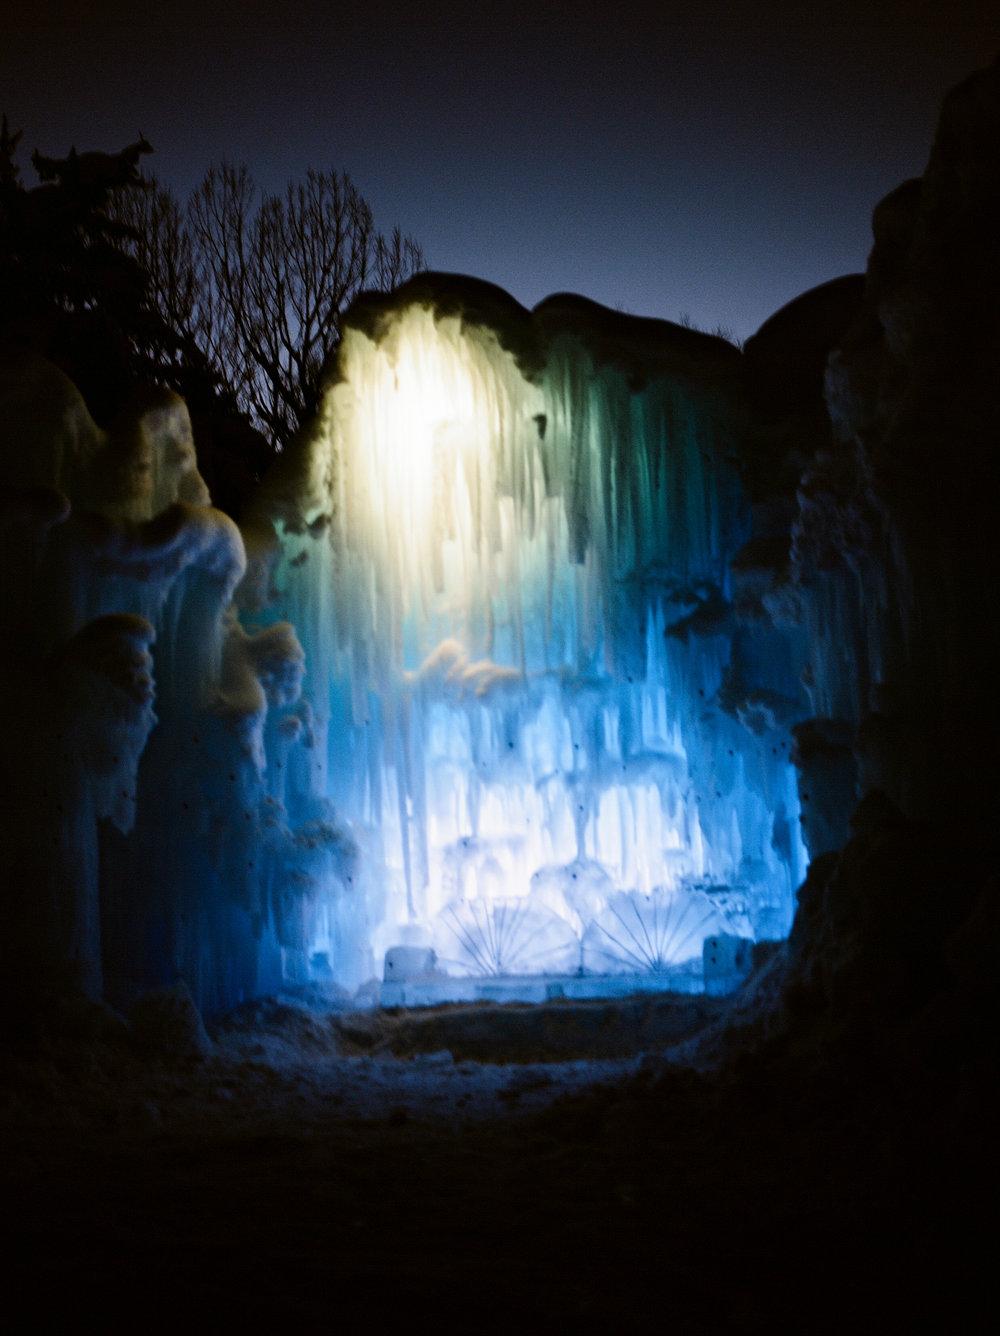 ice castles in provo utah